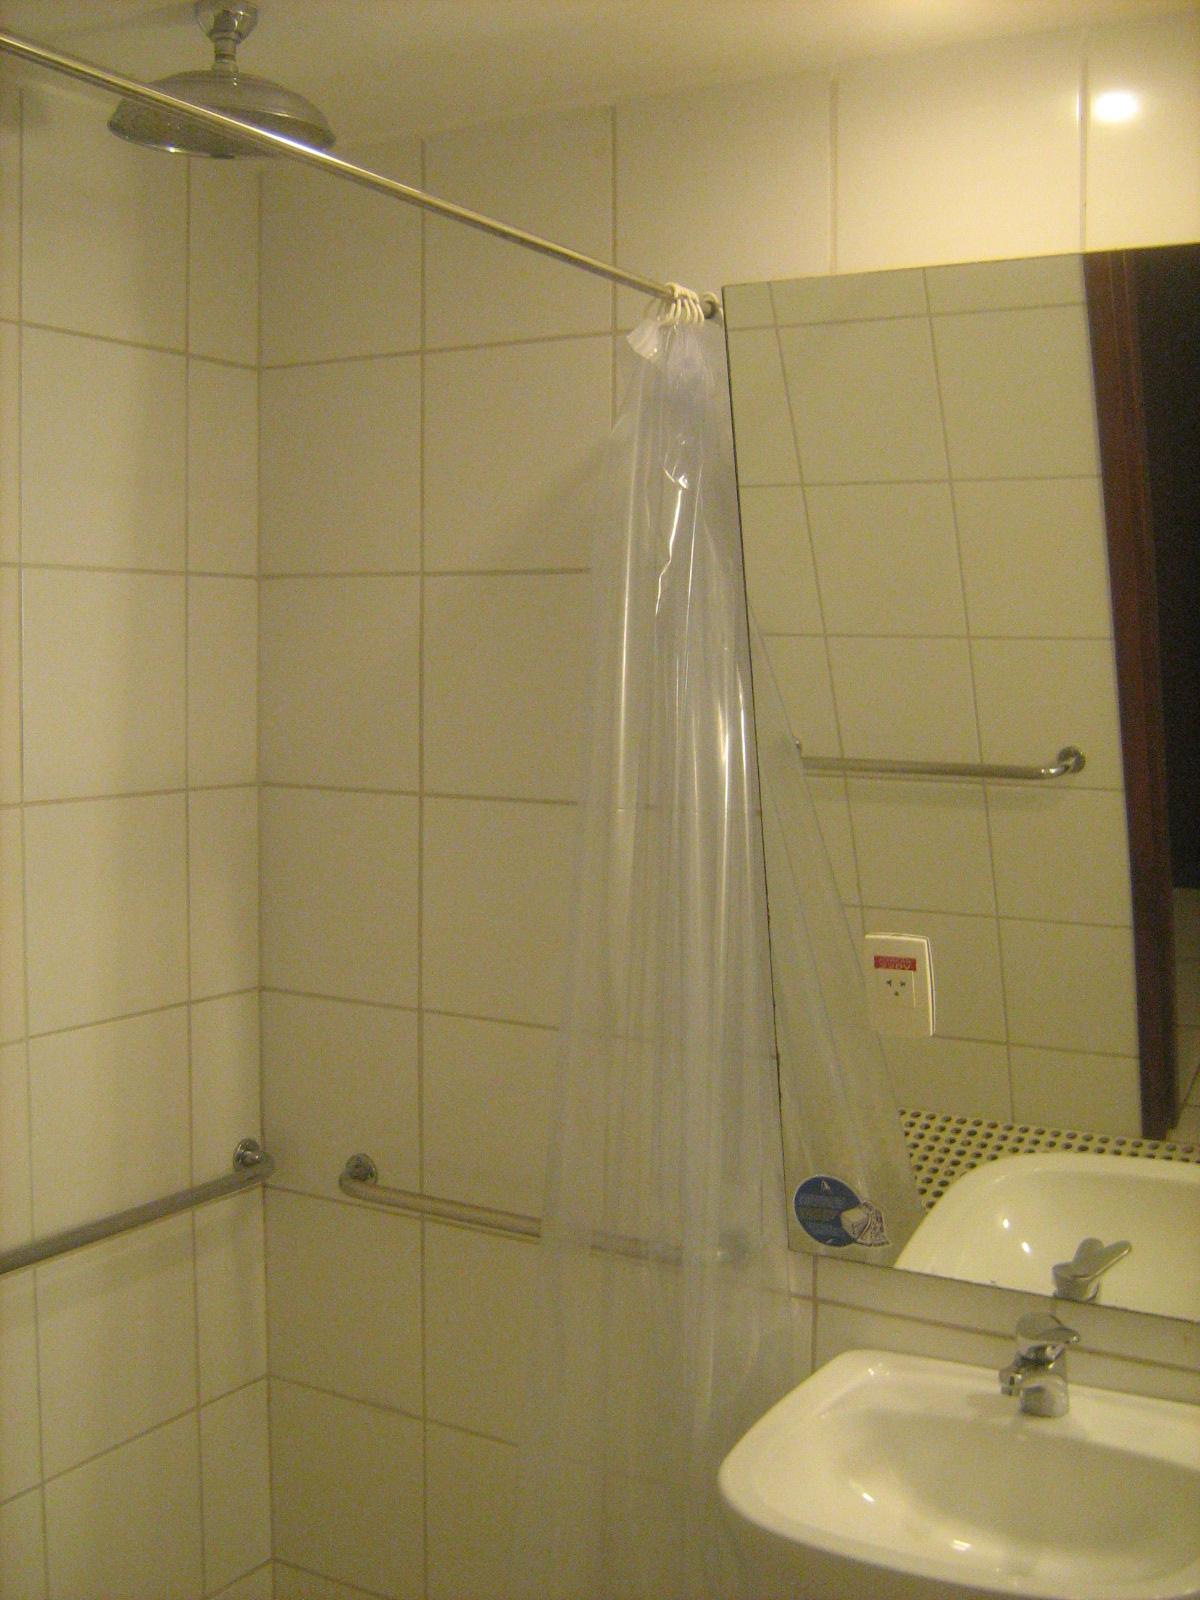 VIAJANTE ESPECIAL: Hotel Luzeiros Fortaleza CE #9C792F 1200x1600 Banheiro Adaptado Cadeirante